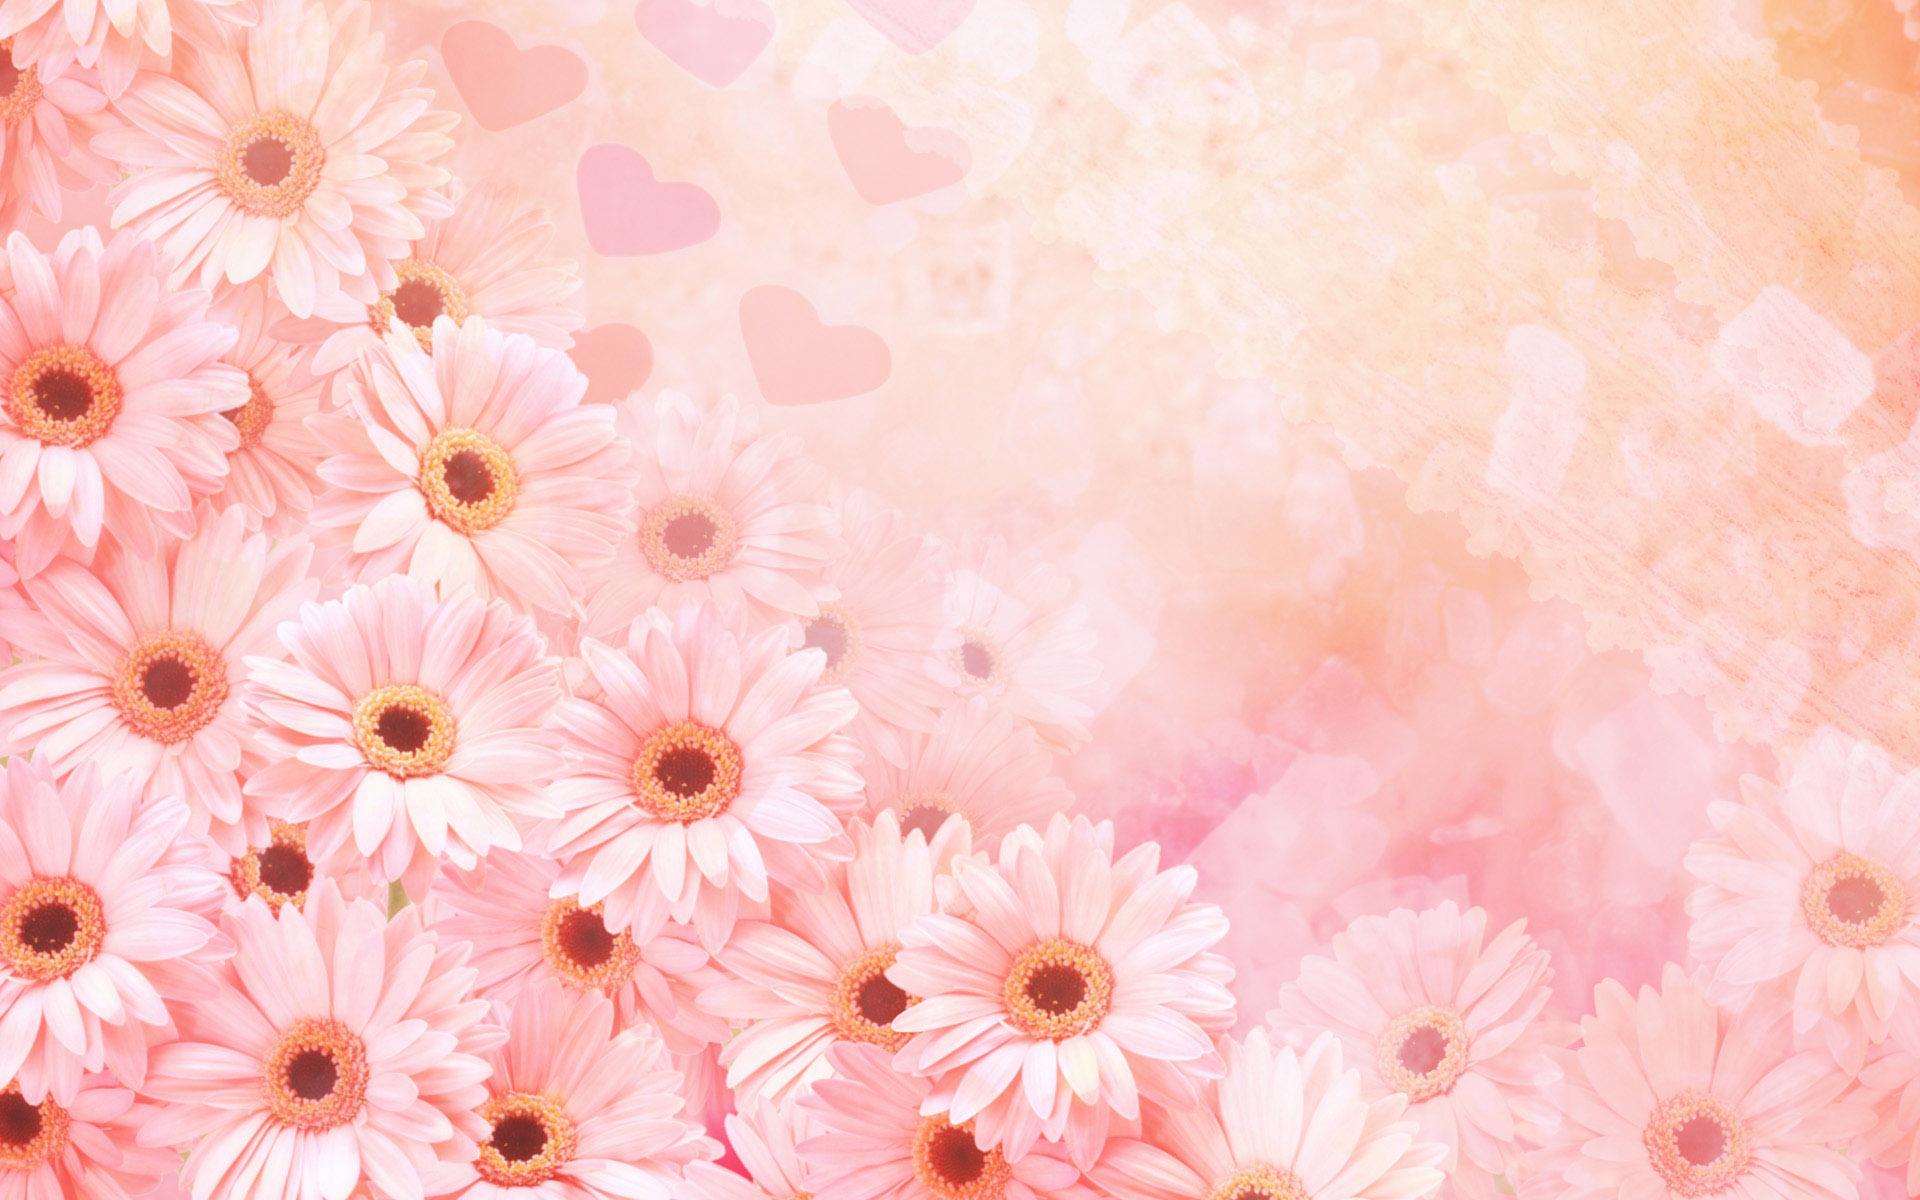 Цветы и название картинки